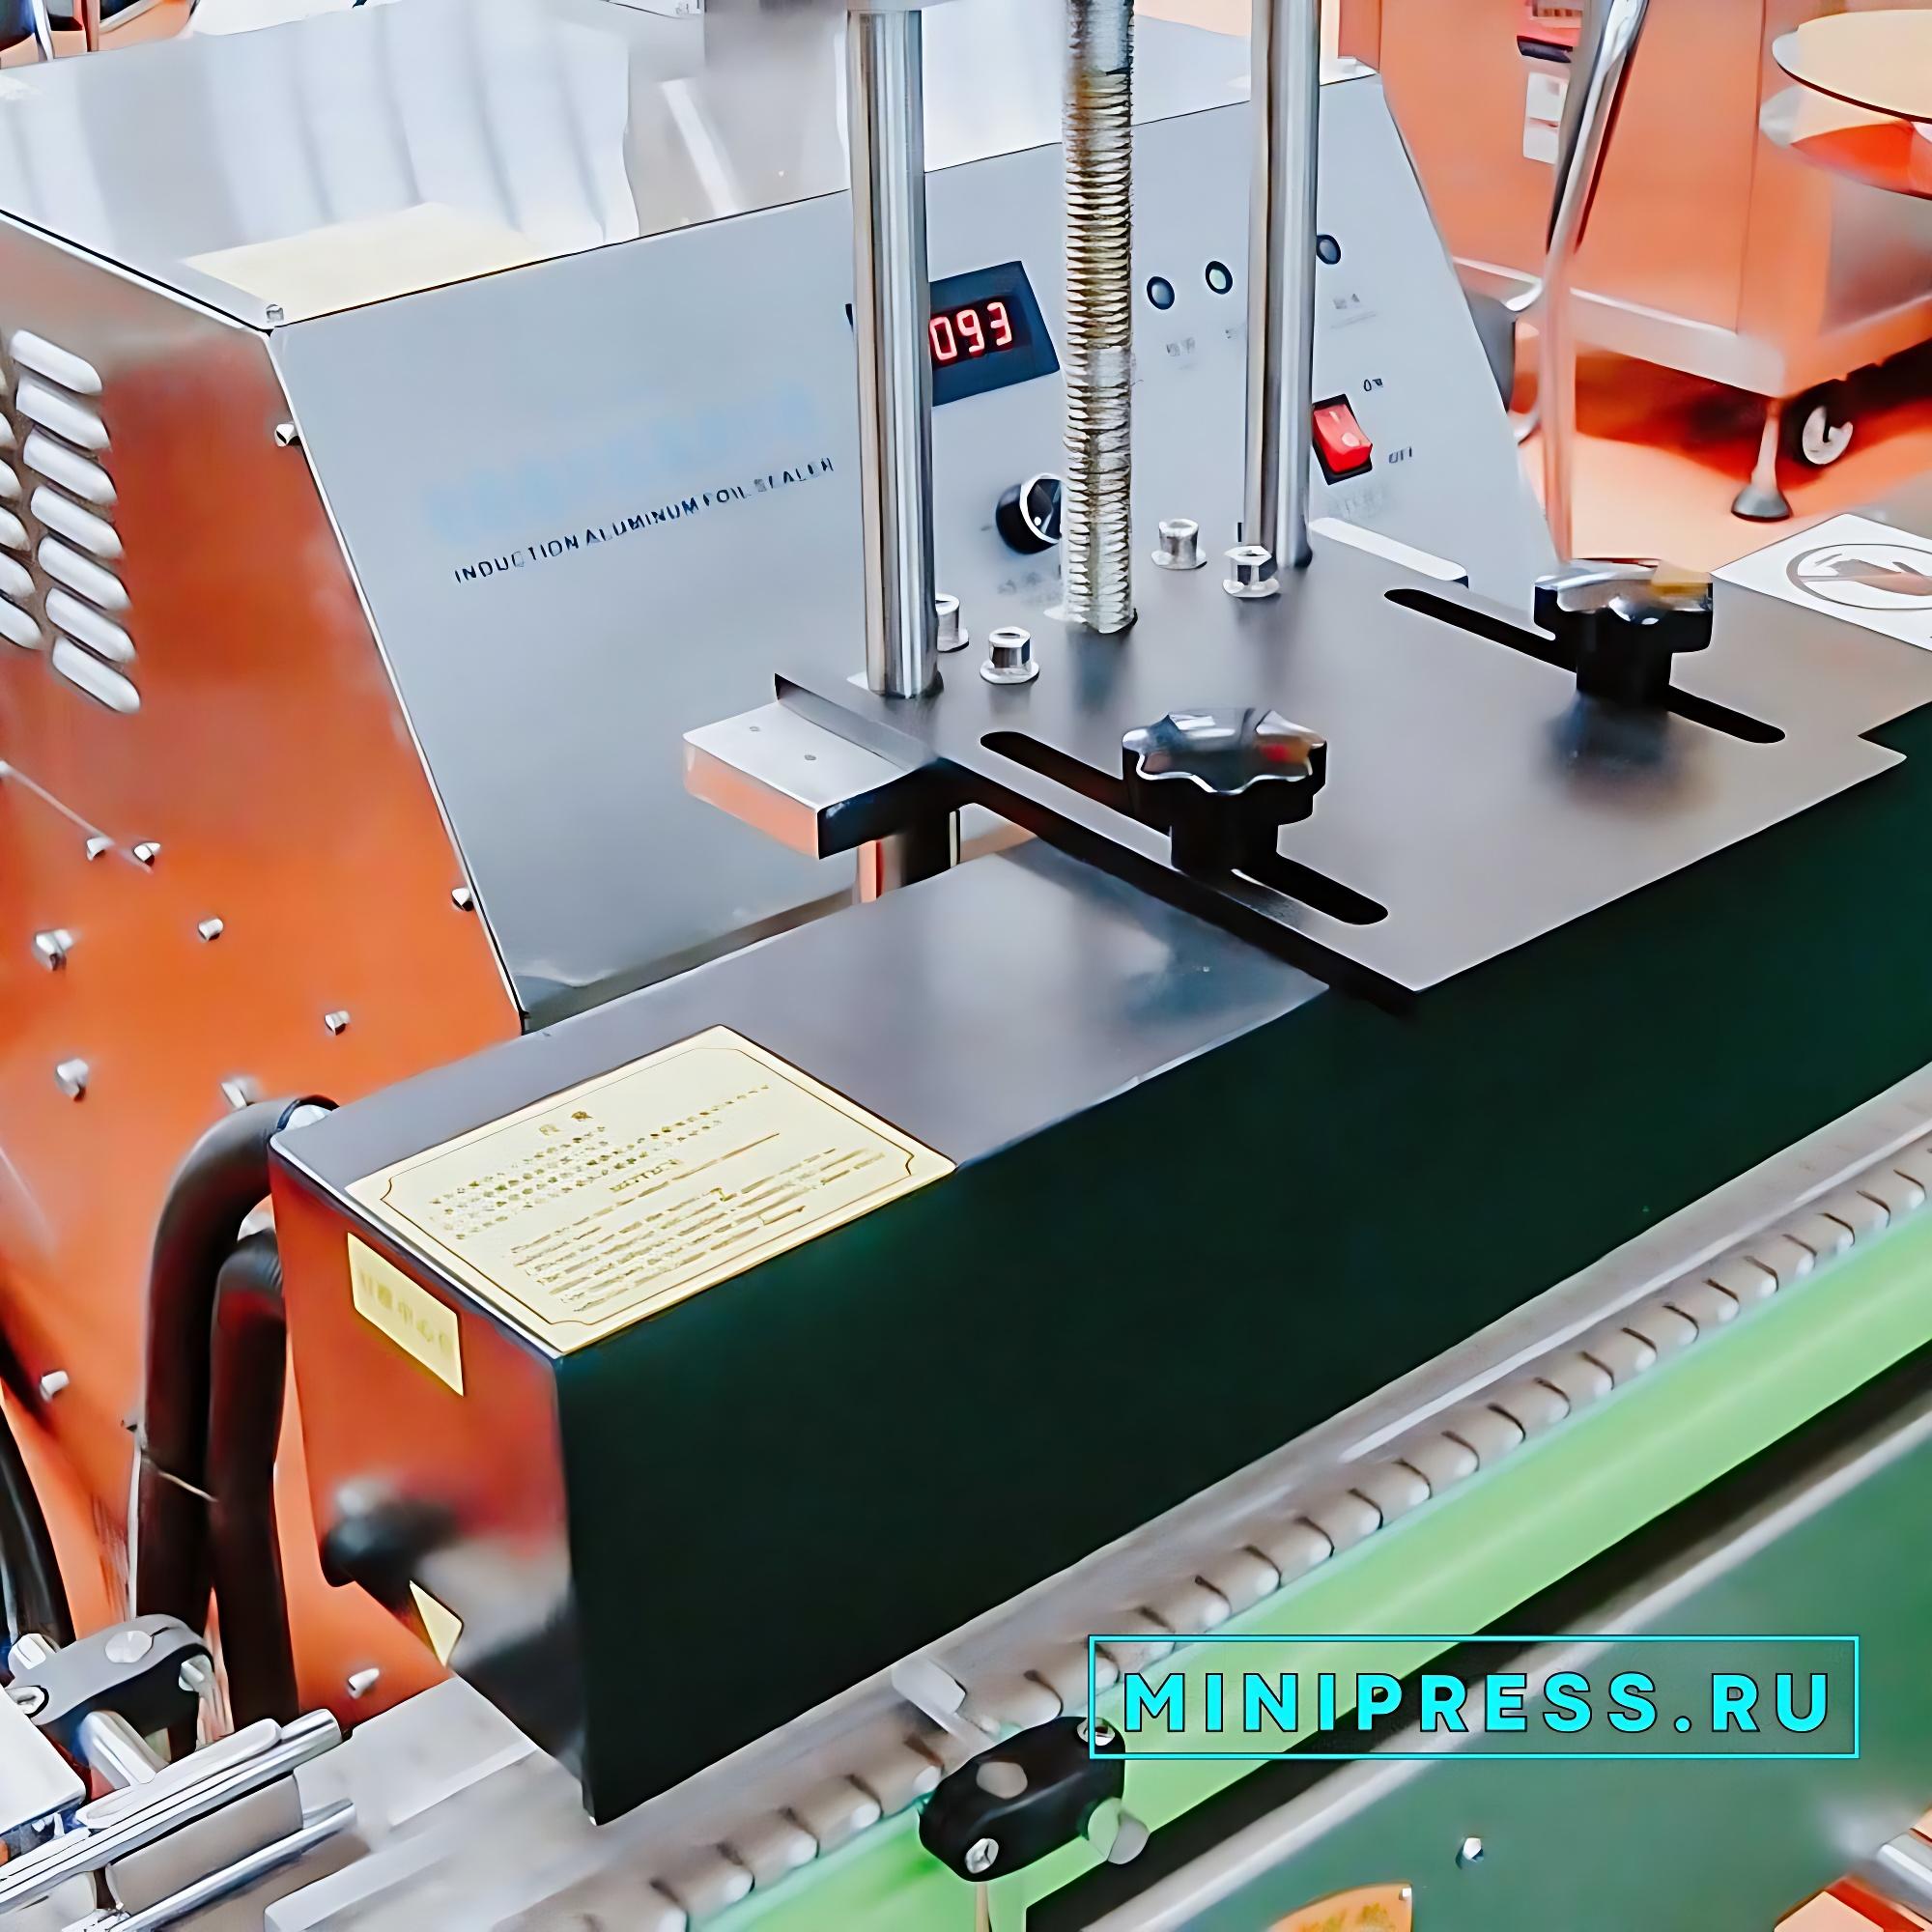 Оборудование для тестирования распадаемости твердых веществ в фармацевтическом производстве